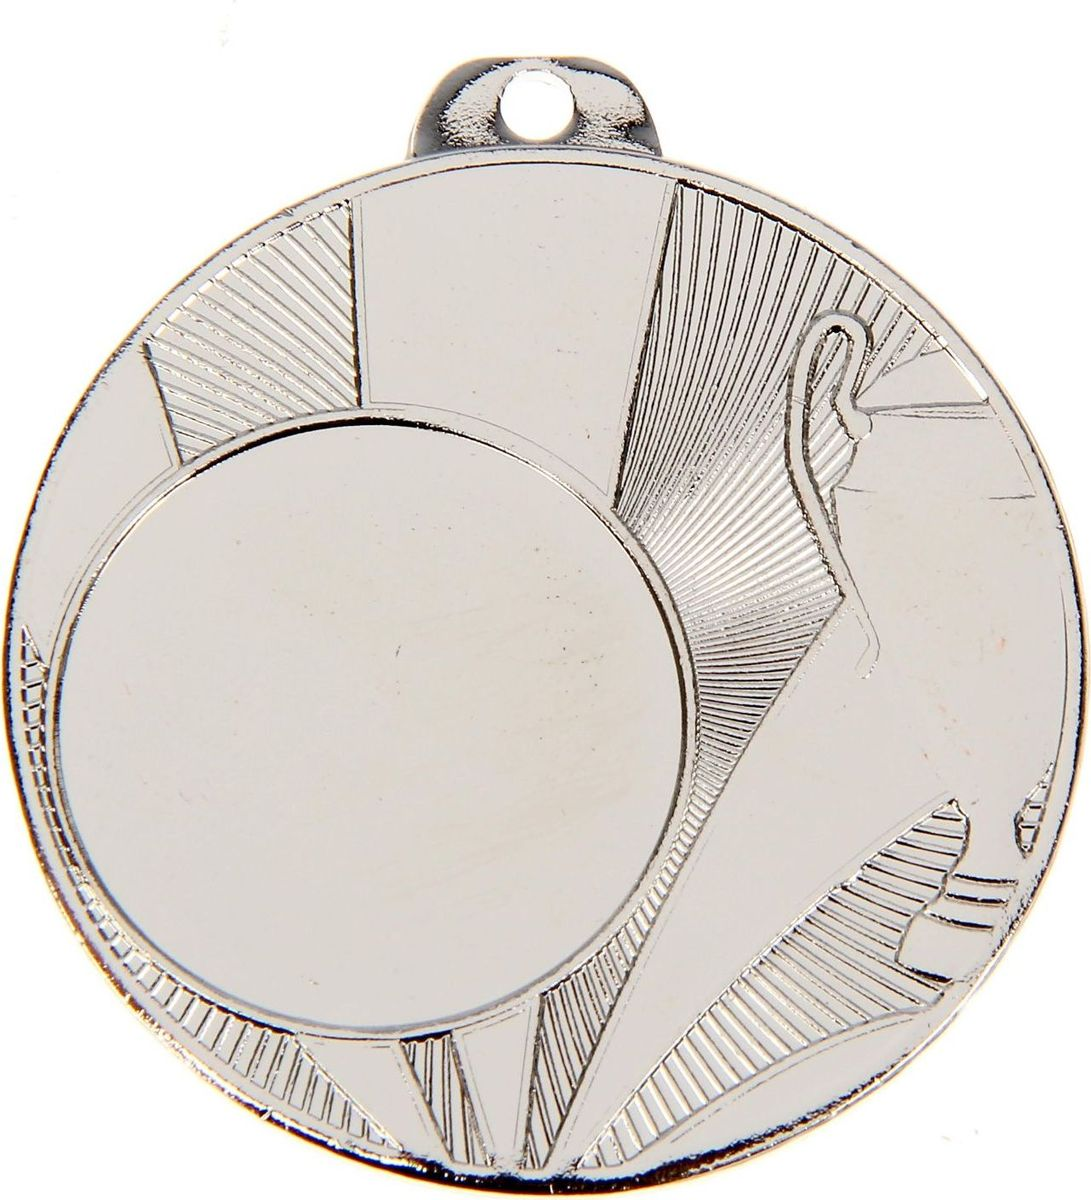 Медаль сувенирная с местом для гравировки, цвет: серебристый, диаметр 4,5 см. 0361253537Медаль — знак отличия, которым награждают самых достойных. Она вручается лишь тем, кто проявил настойчивость и волю к победе. Каждое достижение — это важное событие, которое должно остаться в памяти на долгие годы. Любое спортивное состязание, профессиональное или среди любителей, любое корпоративное мероприятие — отличный повод для того, чтобы отметить лучших из лучших. Характеристики:Диаметр медали: 4,5 см Диаметр вкладыша (лицо): 2,5 см Диаметр вкладыша (оборот): 4 см. Пусть любая победа будет отмечена соответствующей наградой!